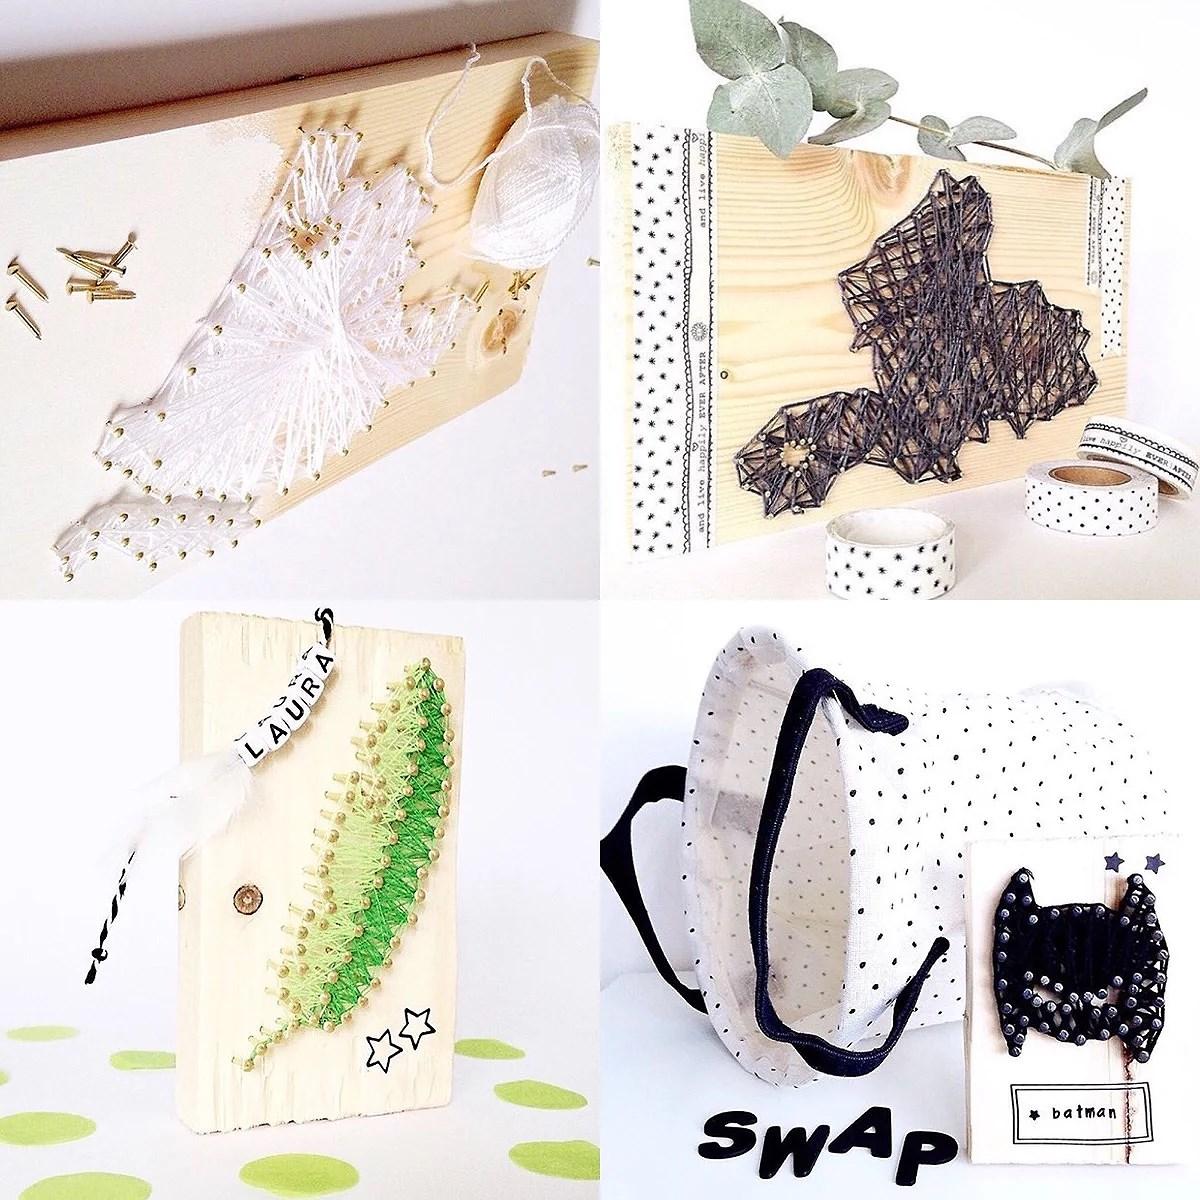 Toffe spijkerpatronen / string art DIY.